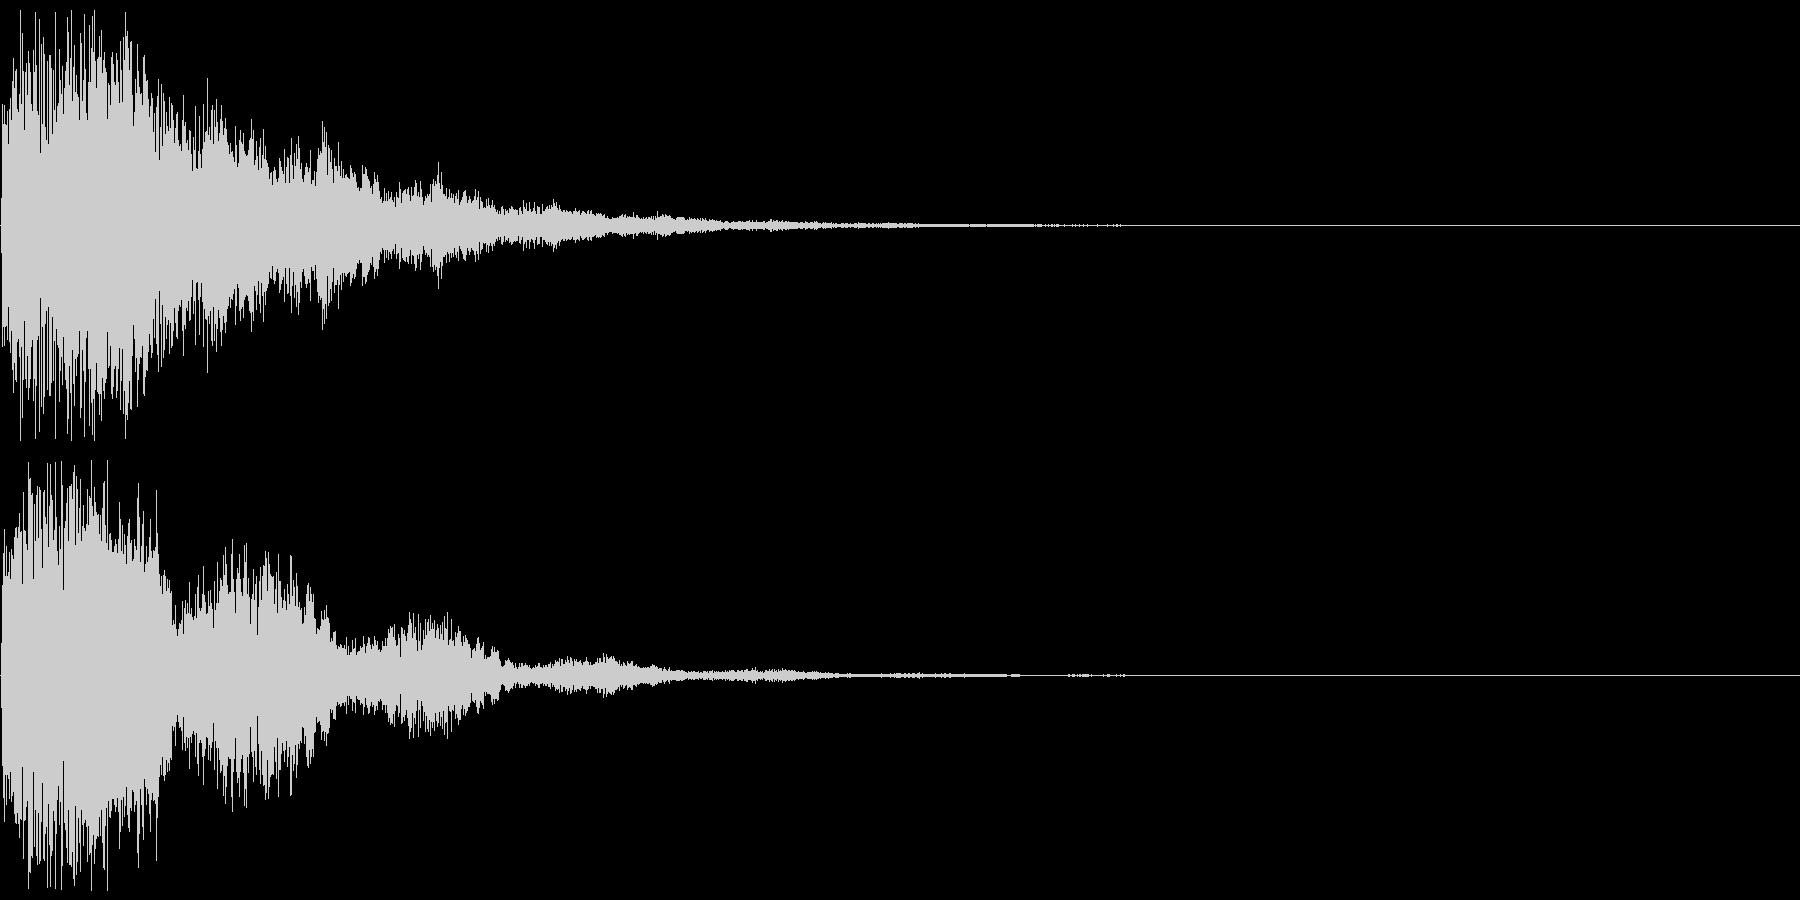 シンセ音(パワーアップ、決定音など)の未再生の波形